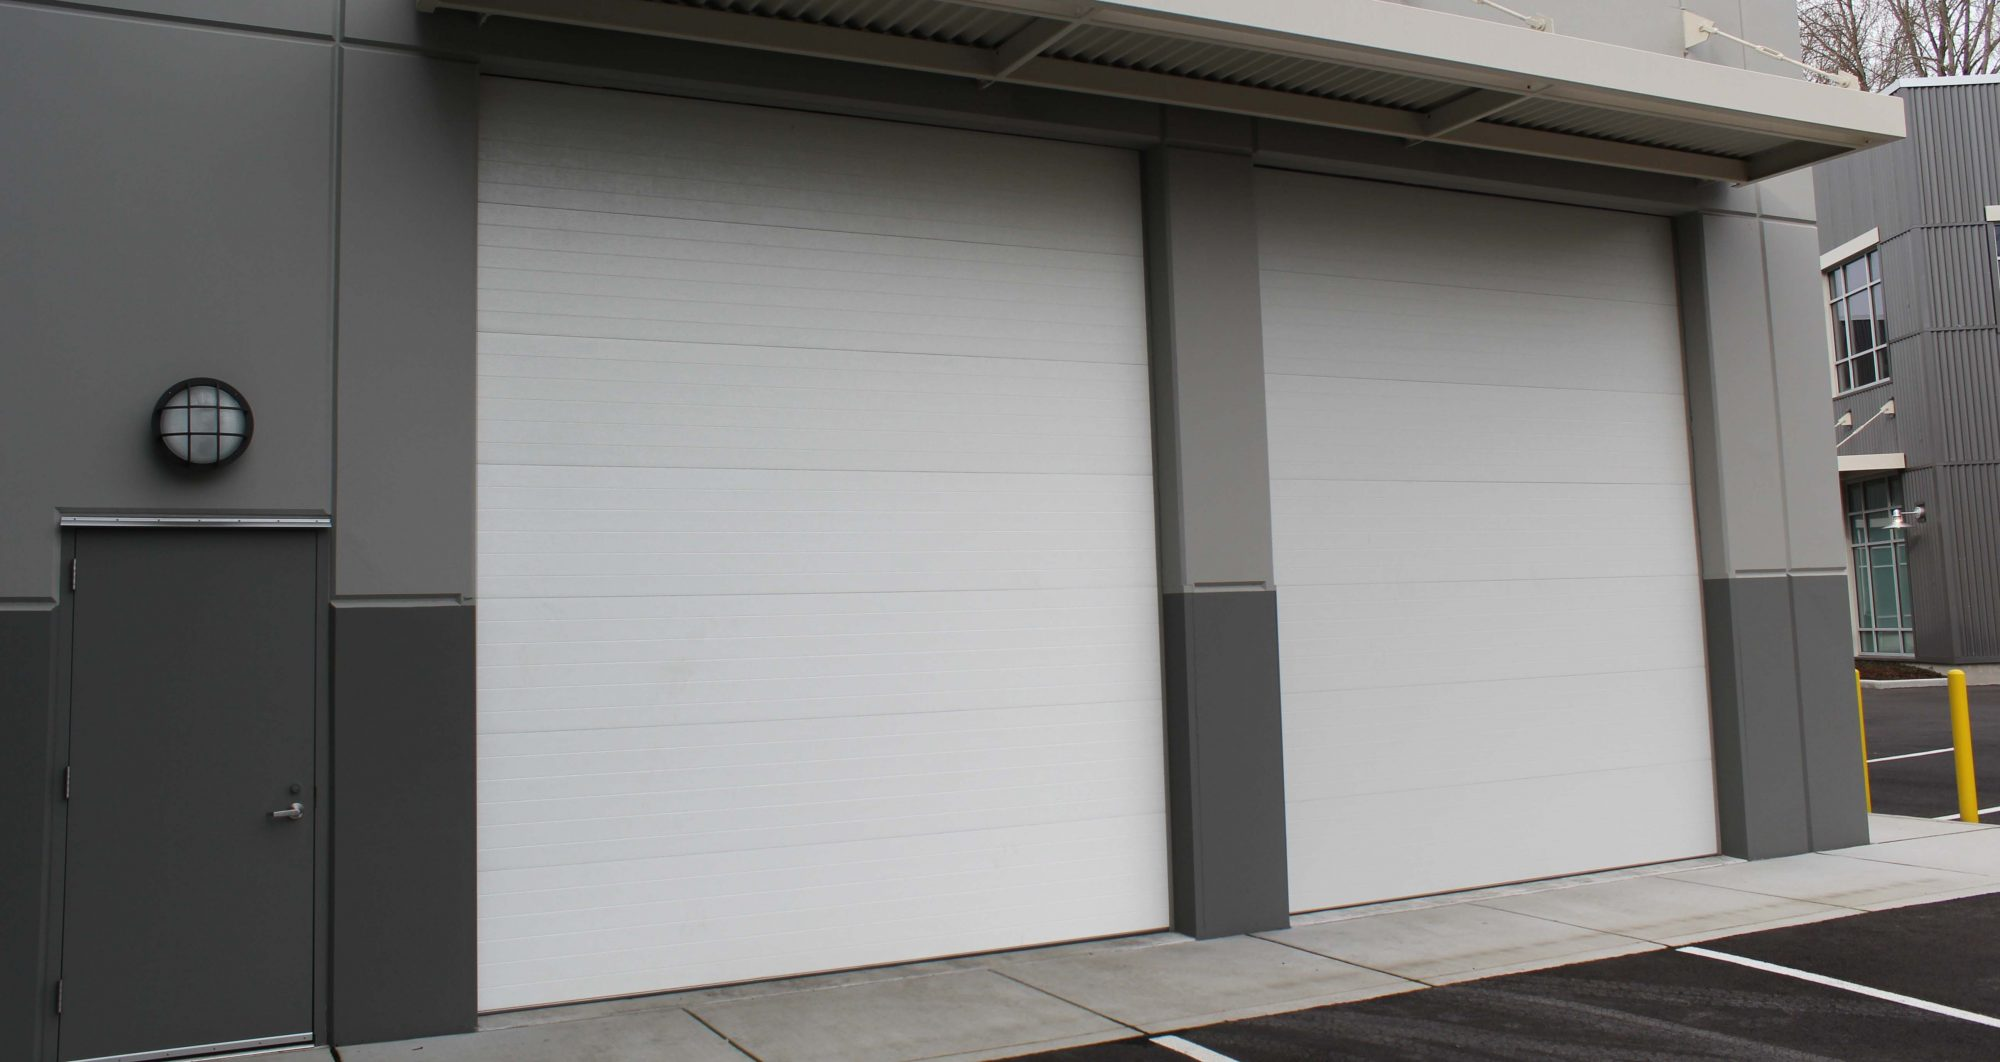 Therma series northwest door for Therma door garage insulation